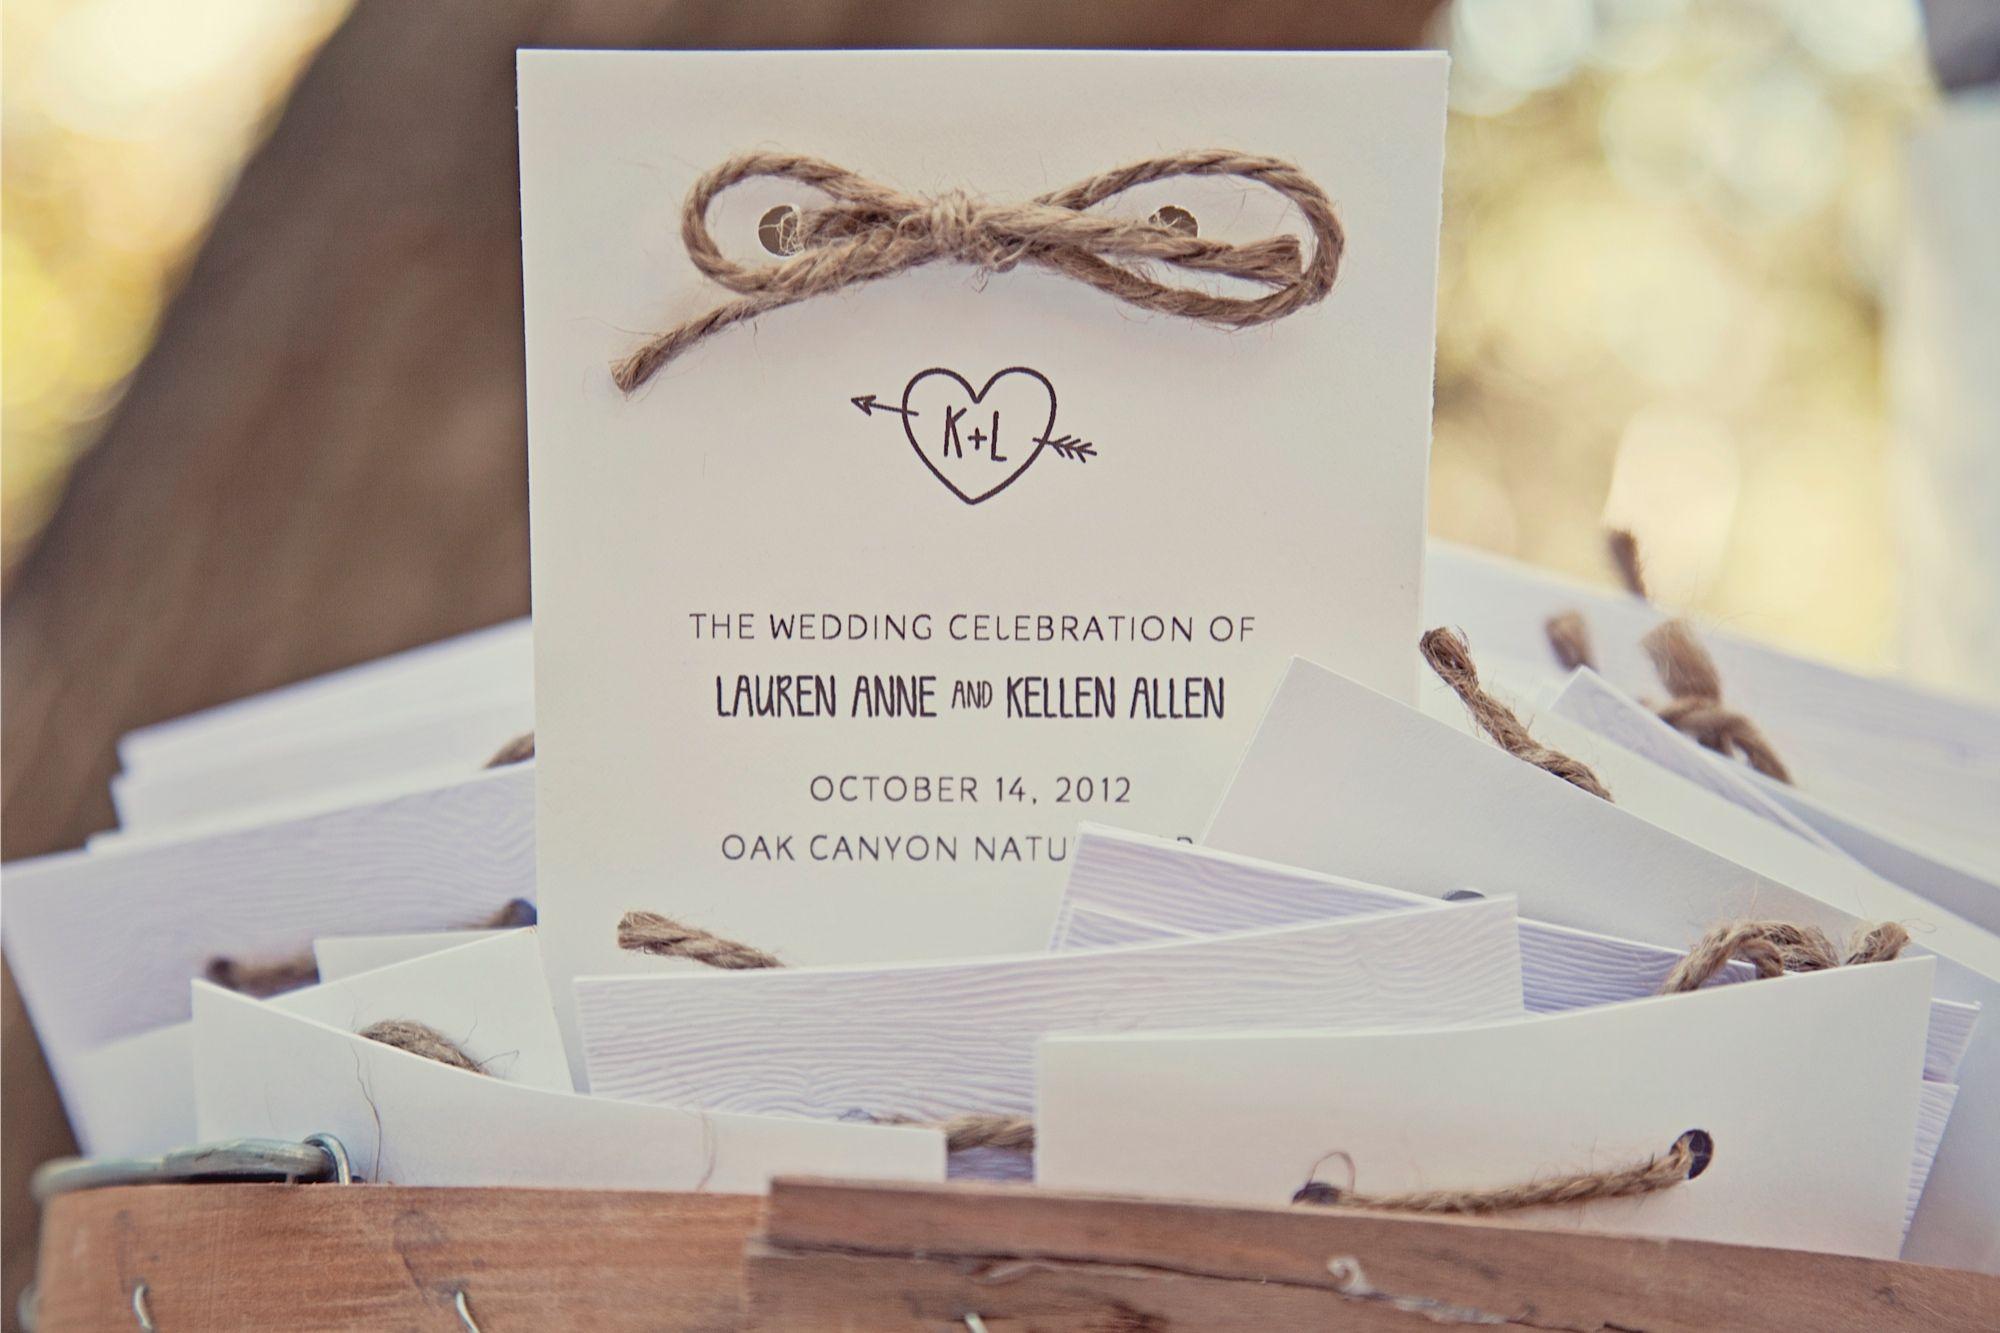 Lauren & Kellen\'s Outdoor Woodsy Wedding Invitations and Decor ...